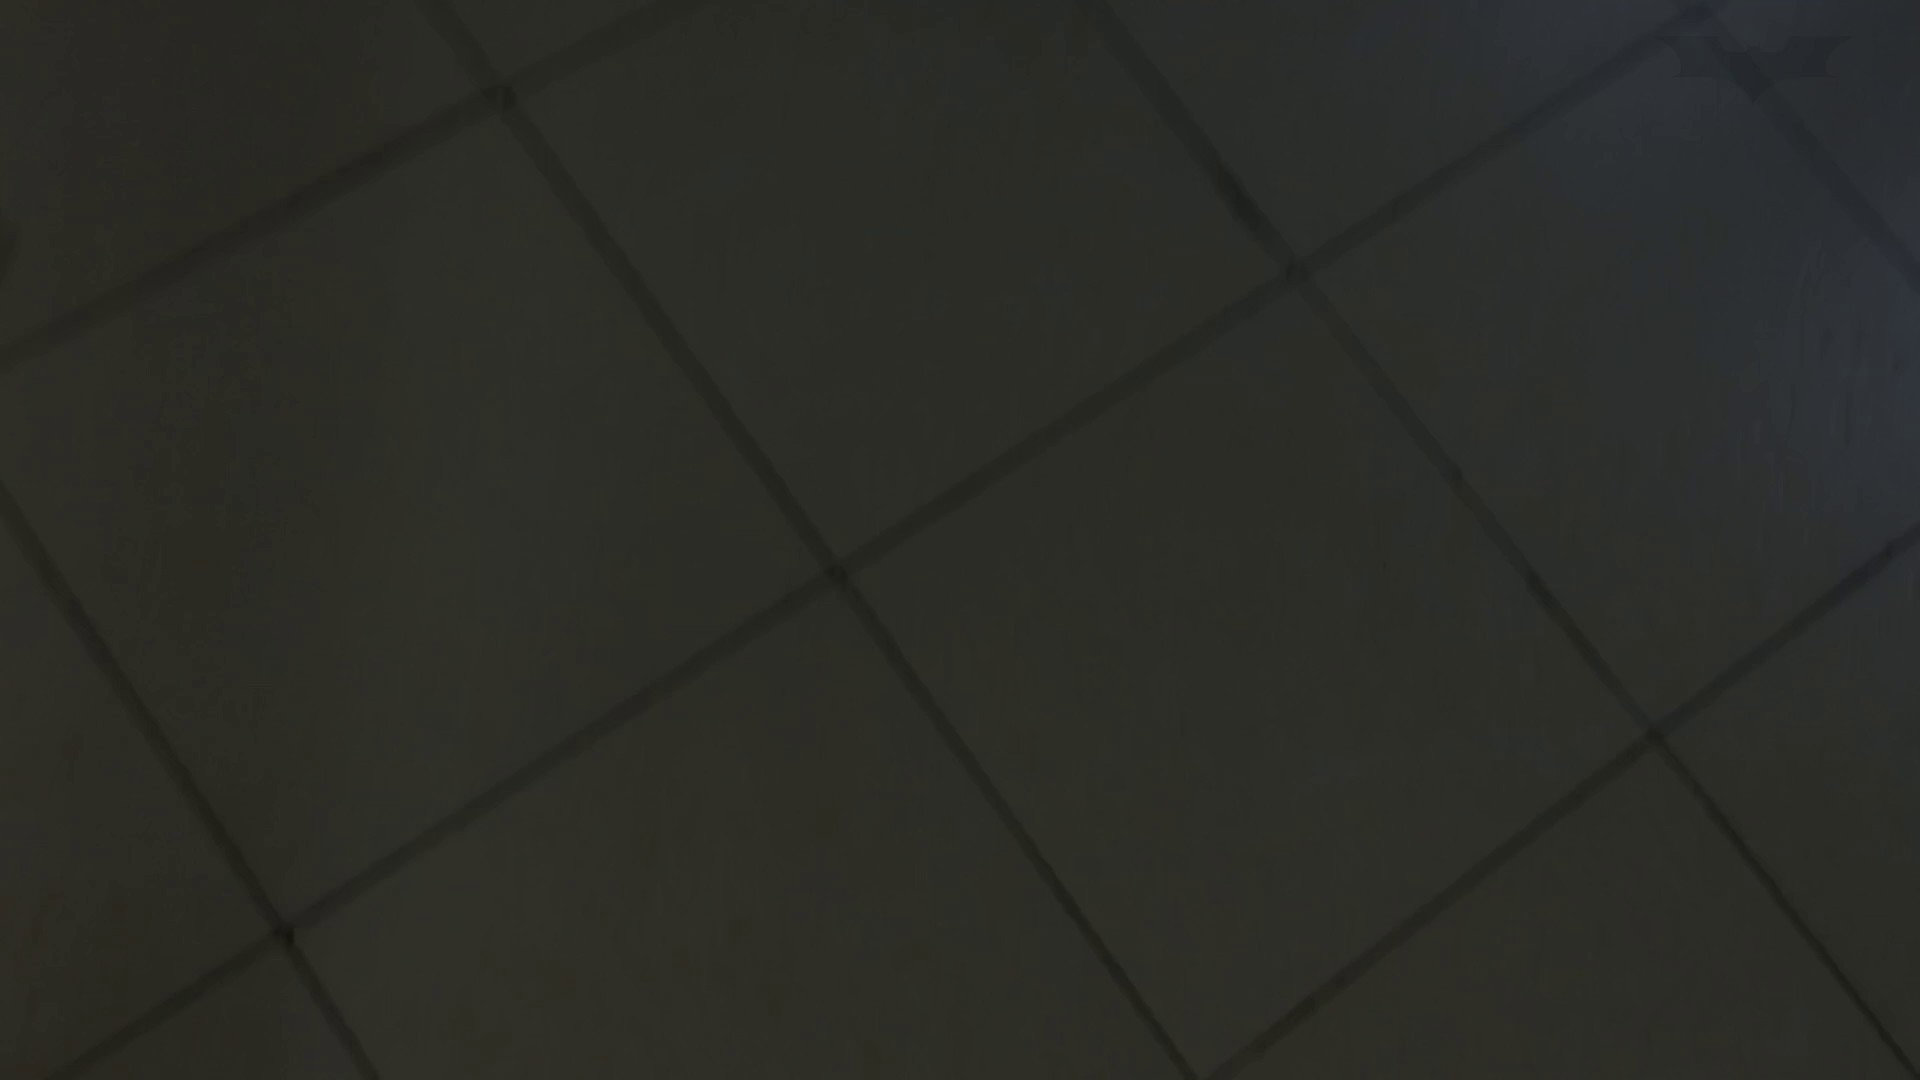 芸術大学ガチ潜入盗撮 JD盗撮 美女の洗面所の秘密 Vol.91 トイレ  72PIX 5